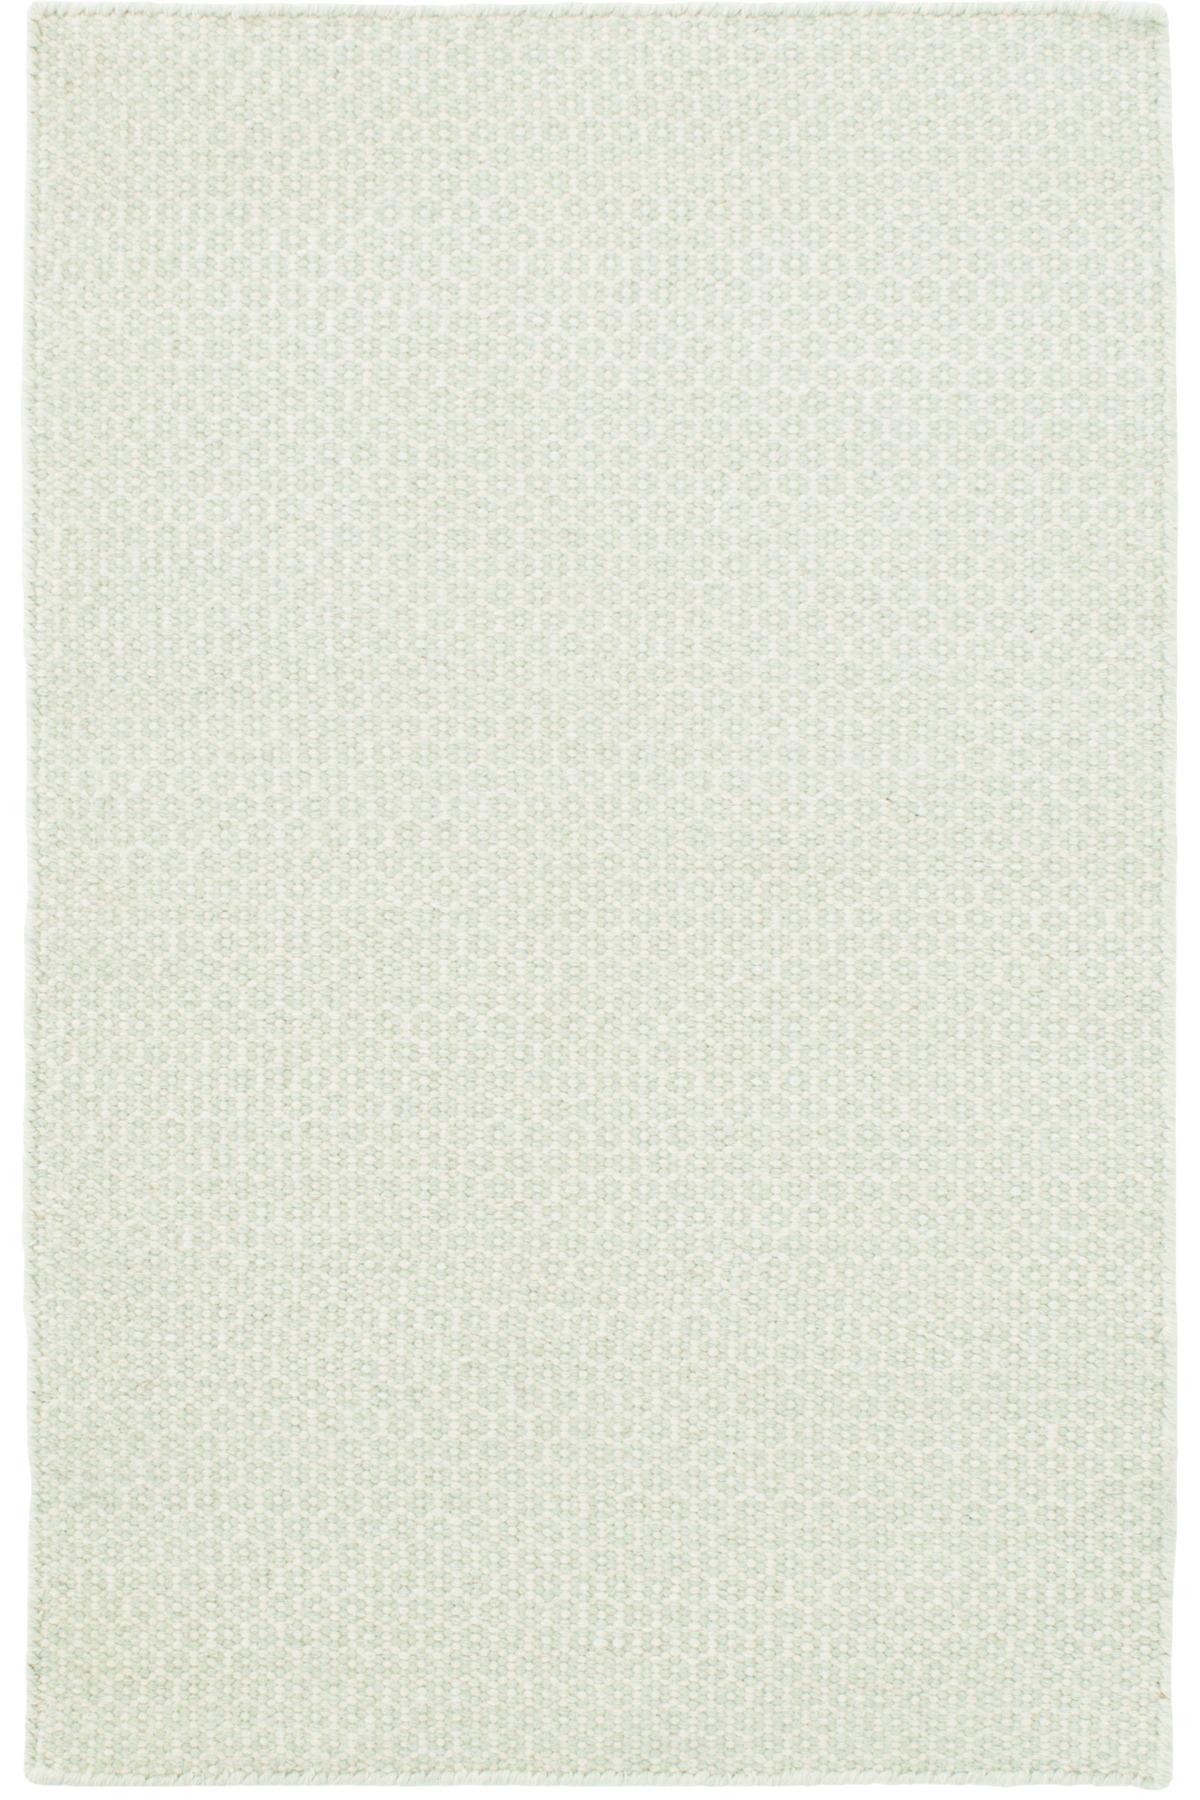 Honeycomb Ocean/Ivory Wool Woven Rug